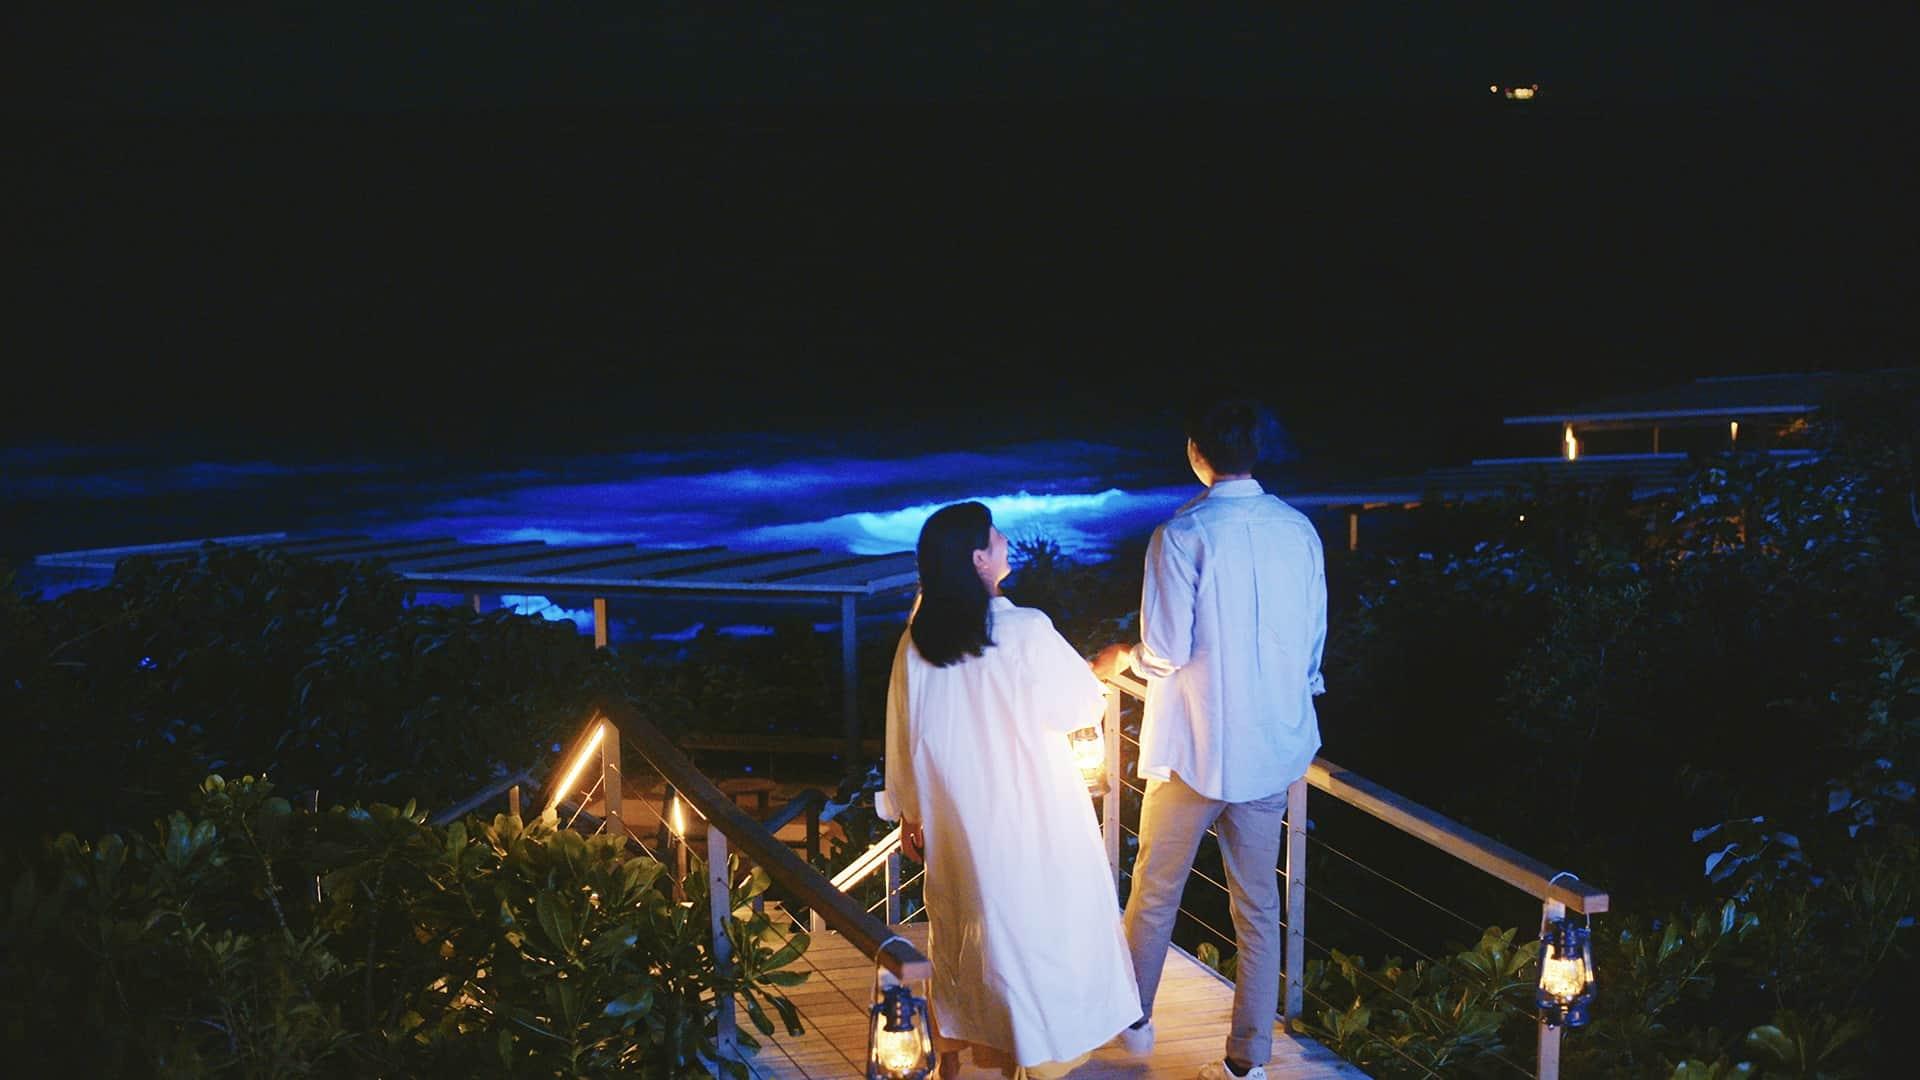 バンタカフェ イルミネーション 沖縄 Okinawa illumination 光雕投影